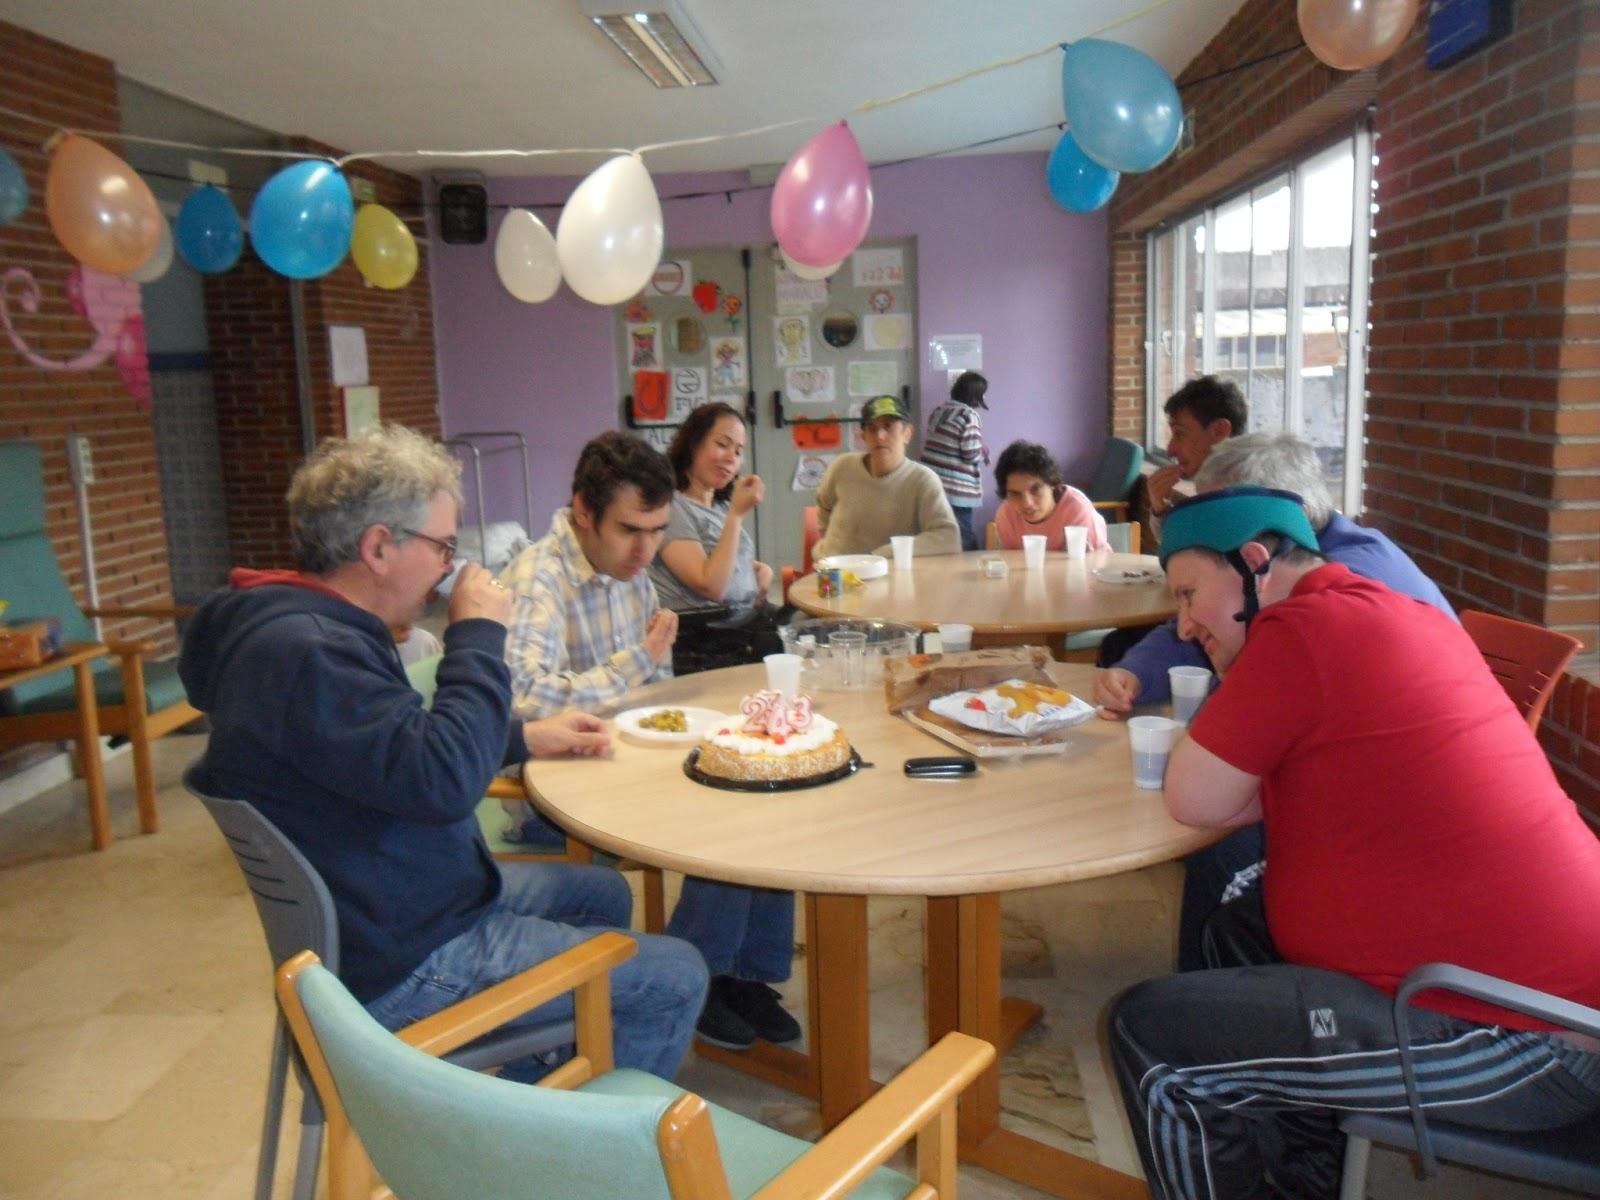 Area residencial 39 la arboleya 39 celebramos cumplea os en casa - Cumpleanos en casa ...